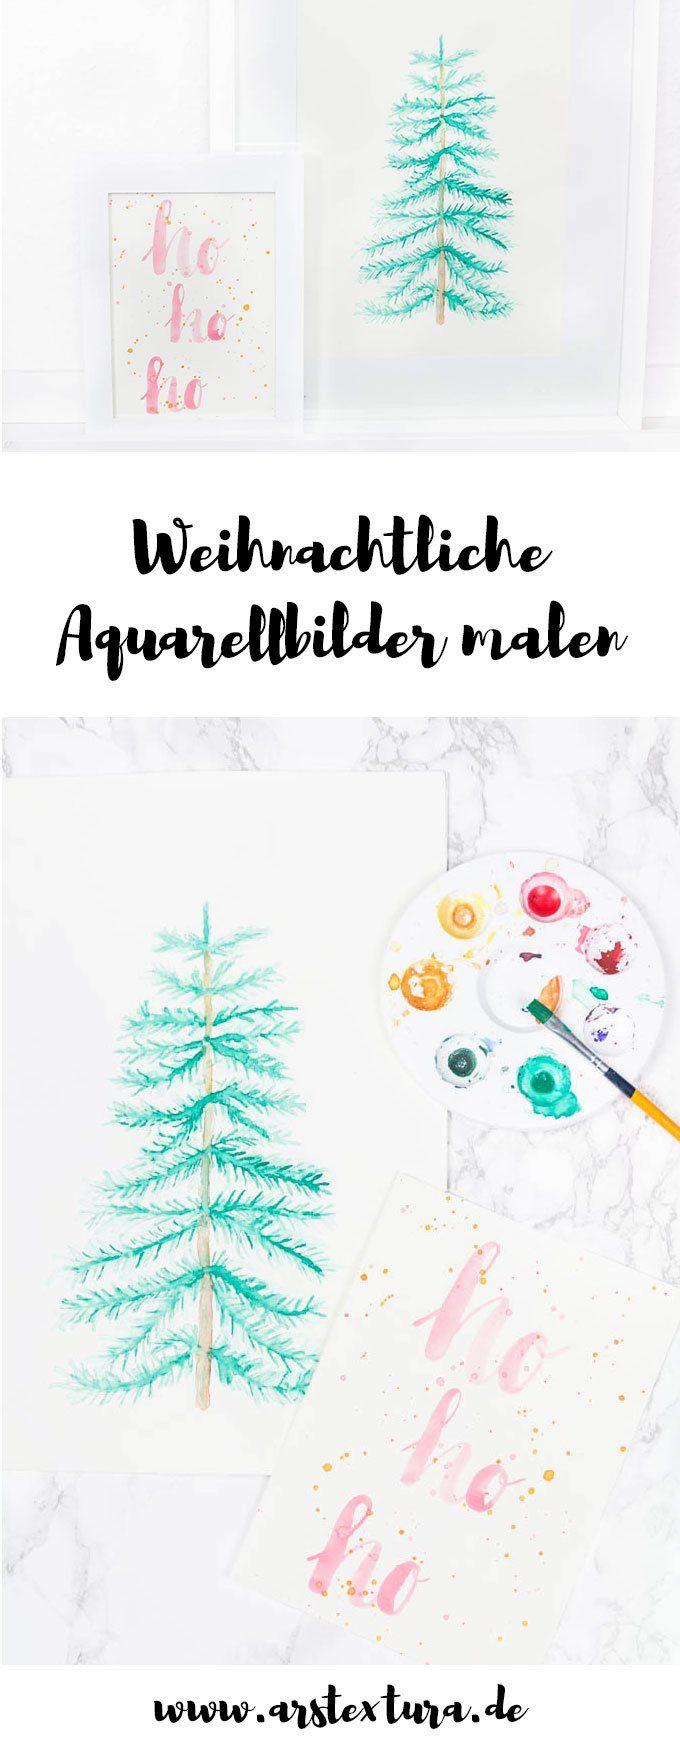 4 Weihnachtliche Aquarellbilder Aquarellbilder Weihnachten